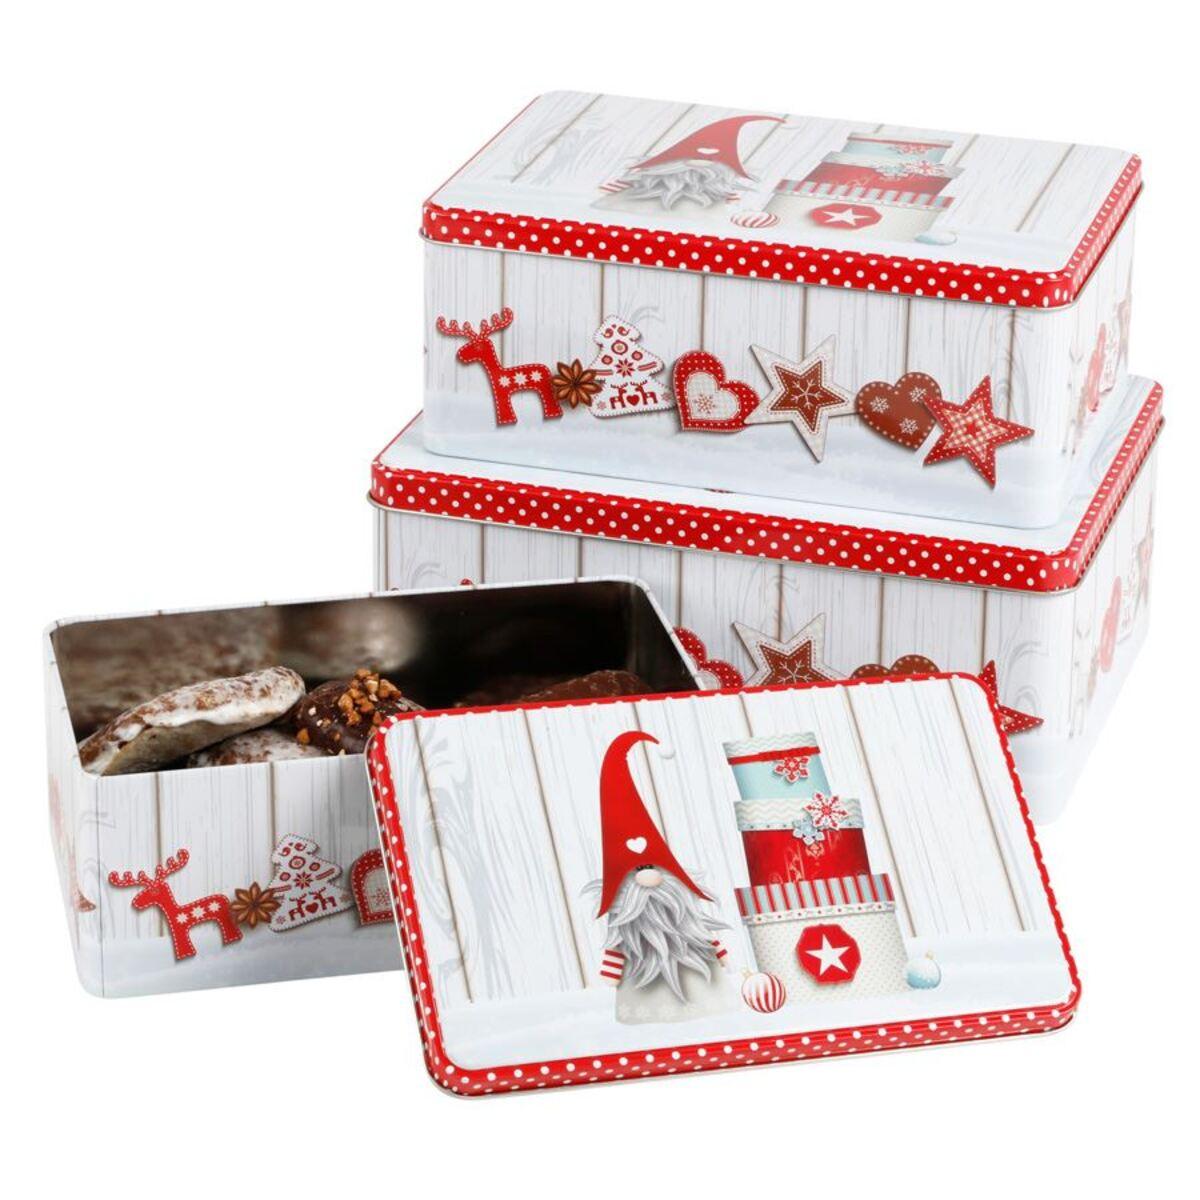 Bild 5 von Weihnachts-Metalldosen-Set rechteckig 3-teilig